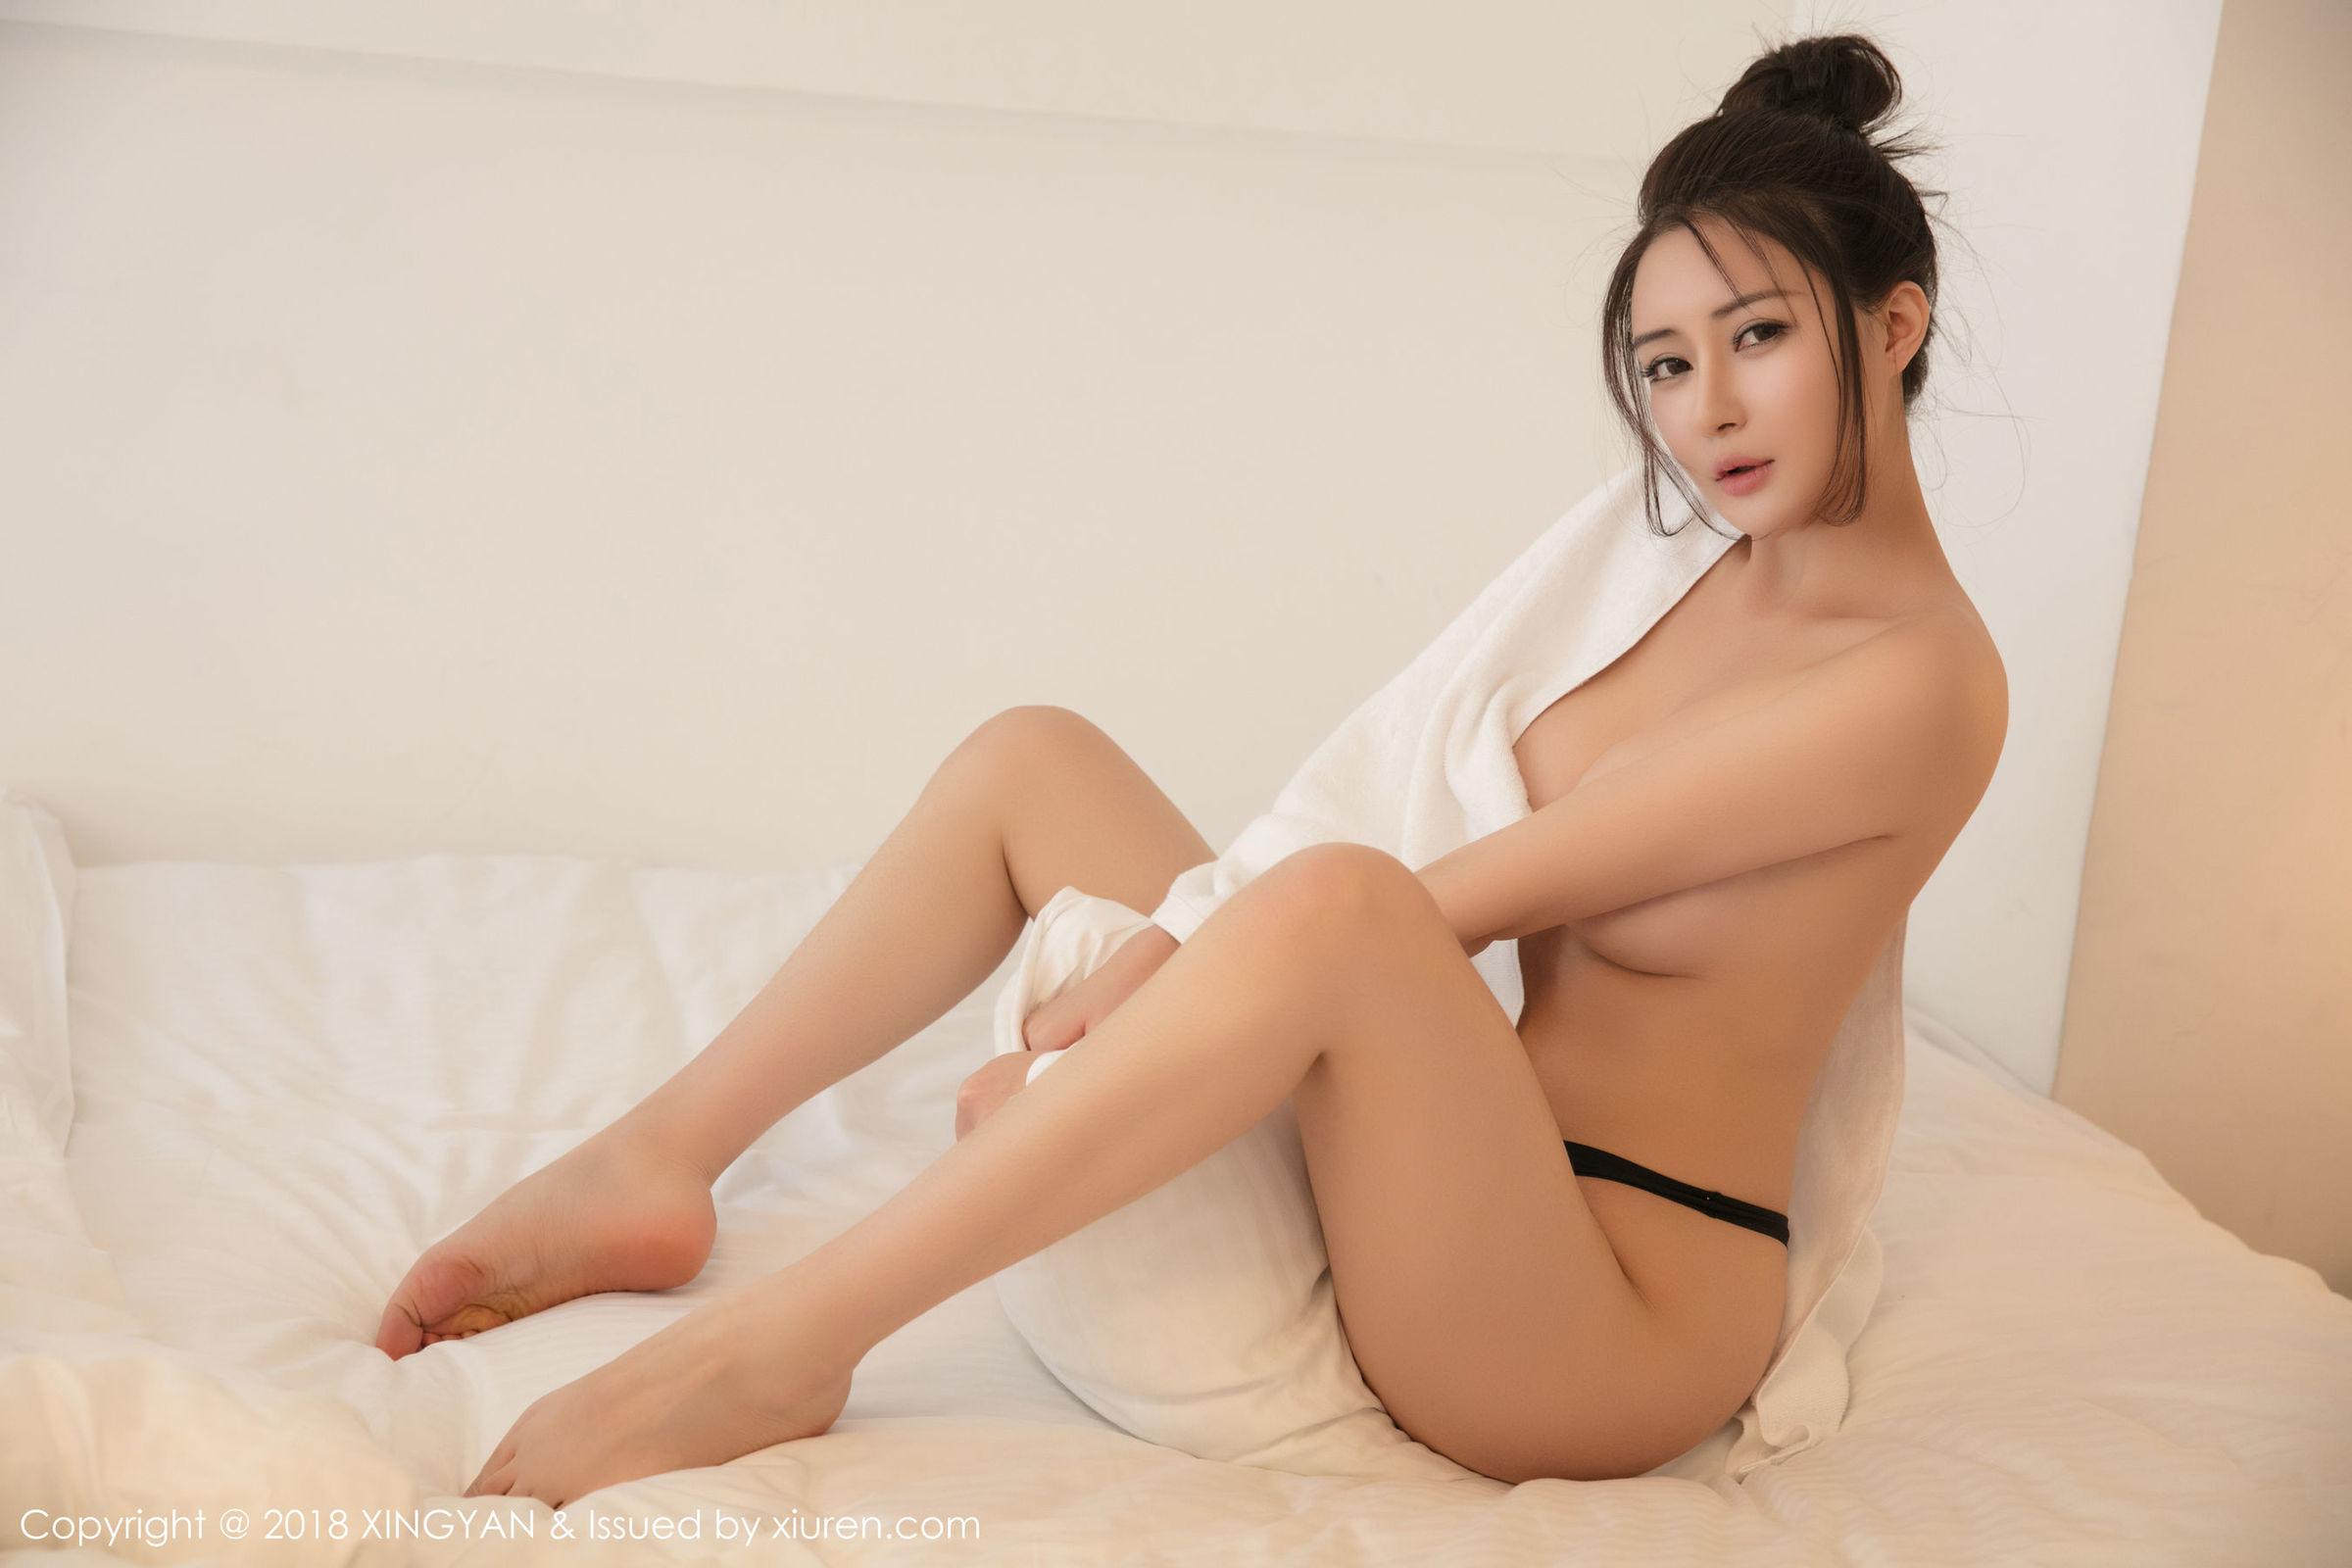 女神@廿十性感美臀写真